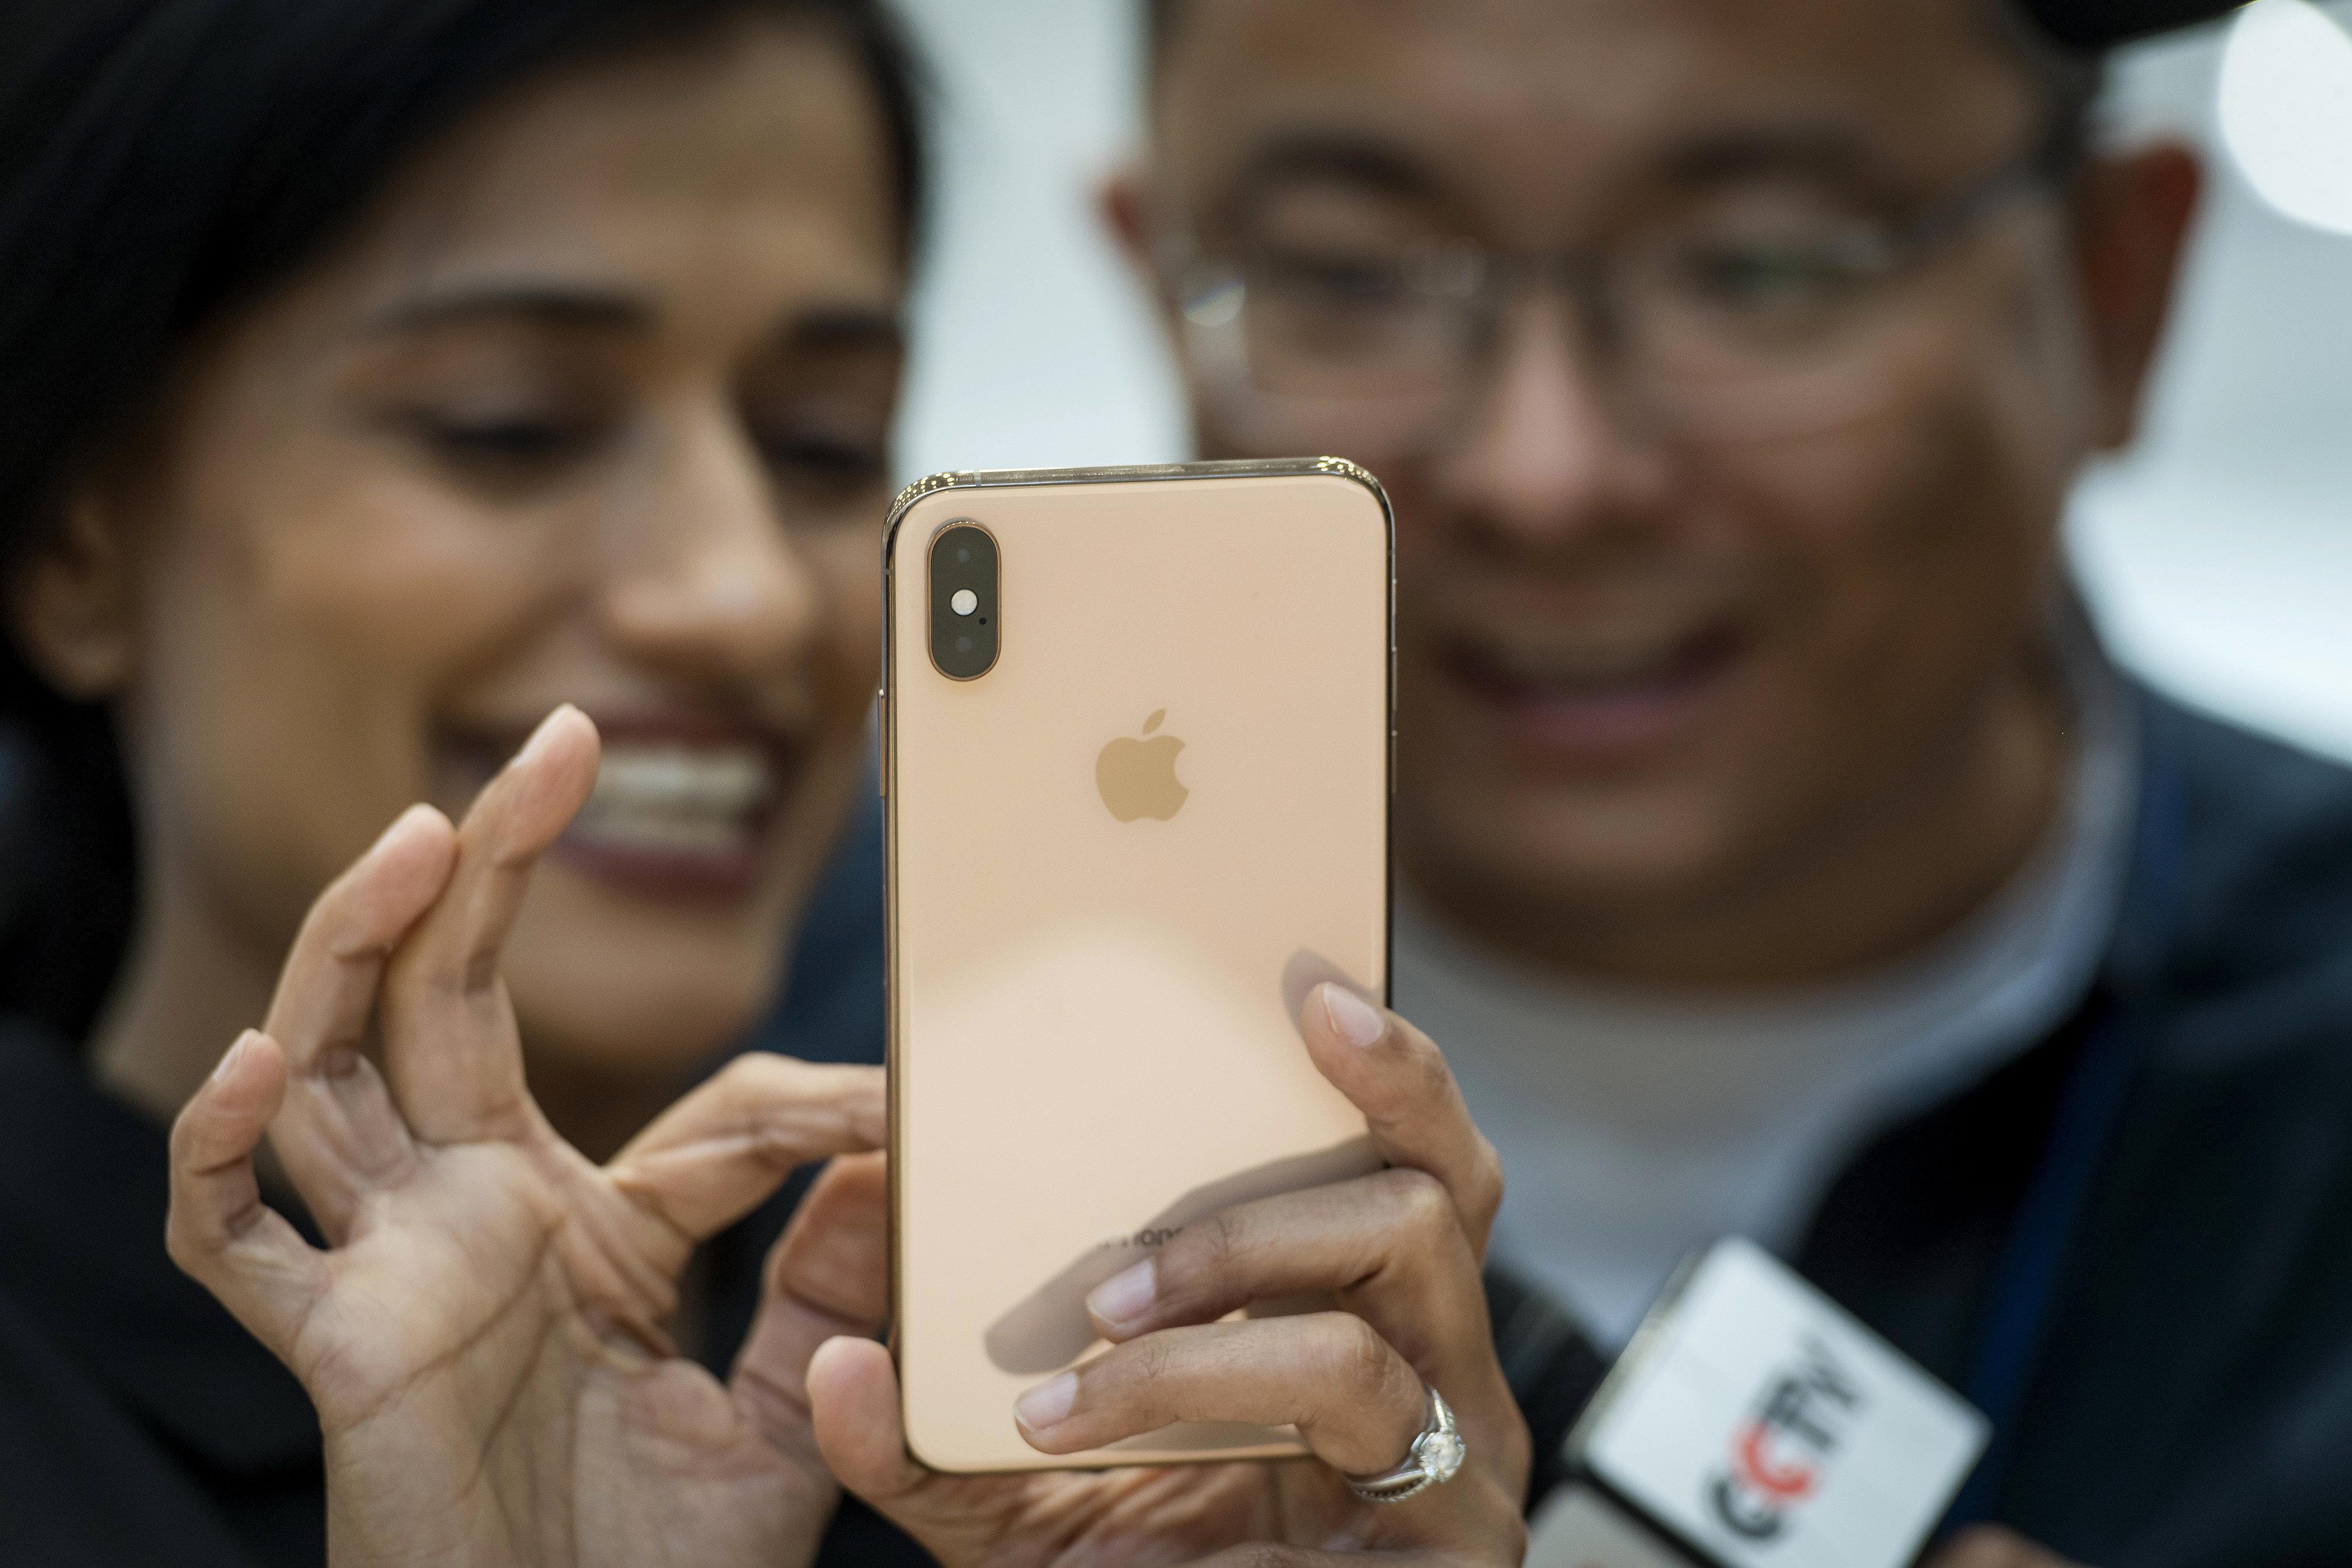 Οι γυναίκες γκρινιάζουν για τα νέα iPhone: «Η Apple δεν μας σκέφτεται